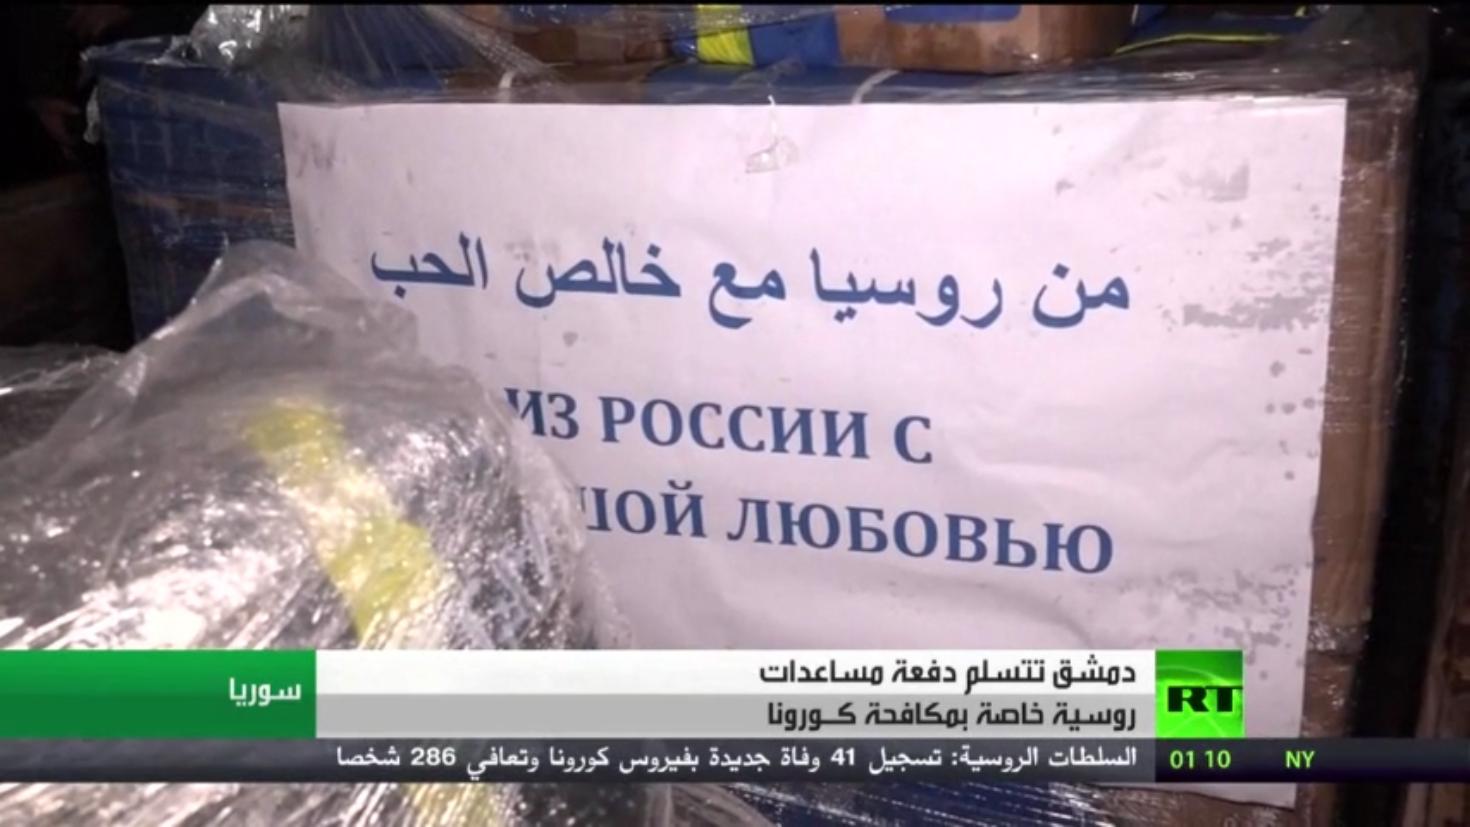 دفعة مساعدات طبية روسية تصل إلى سوريا